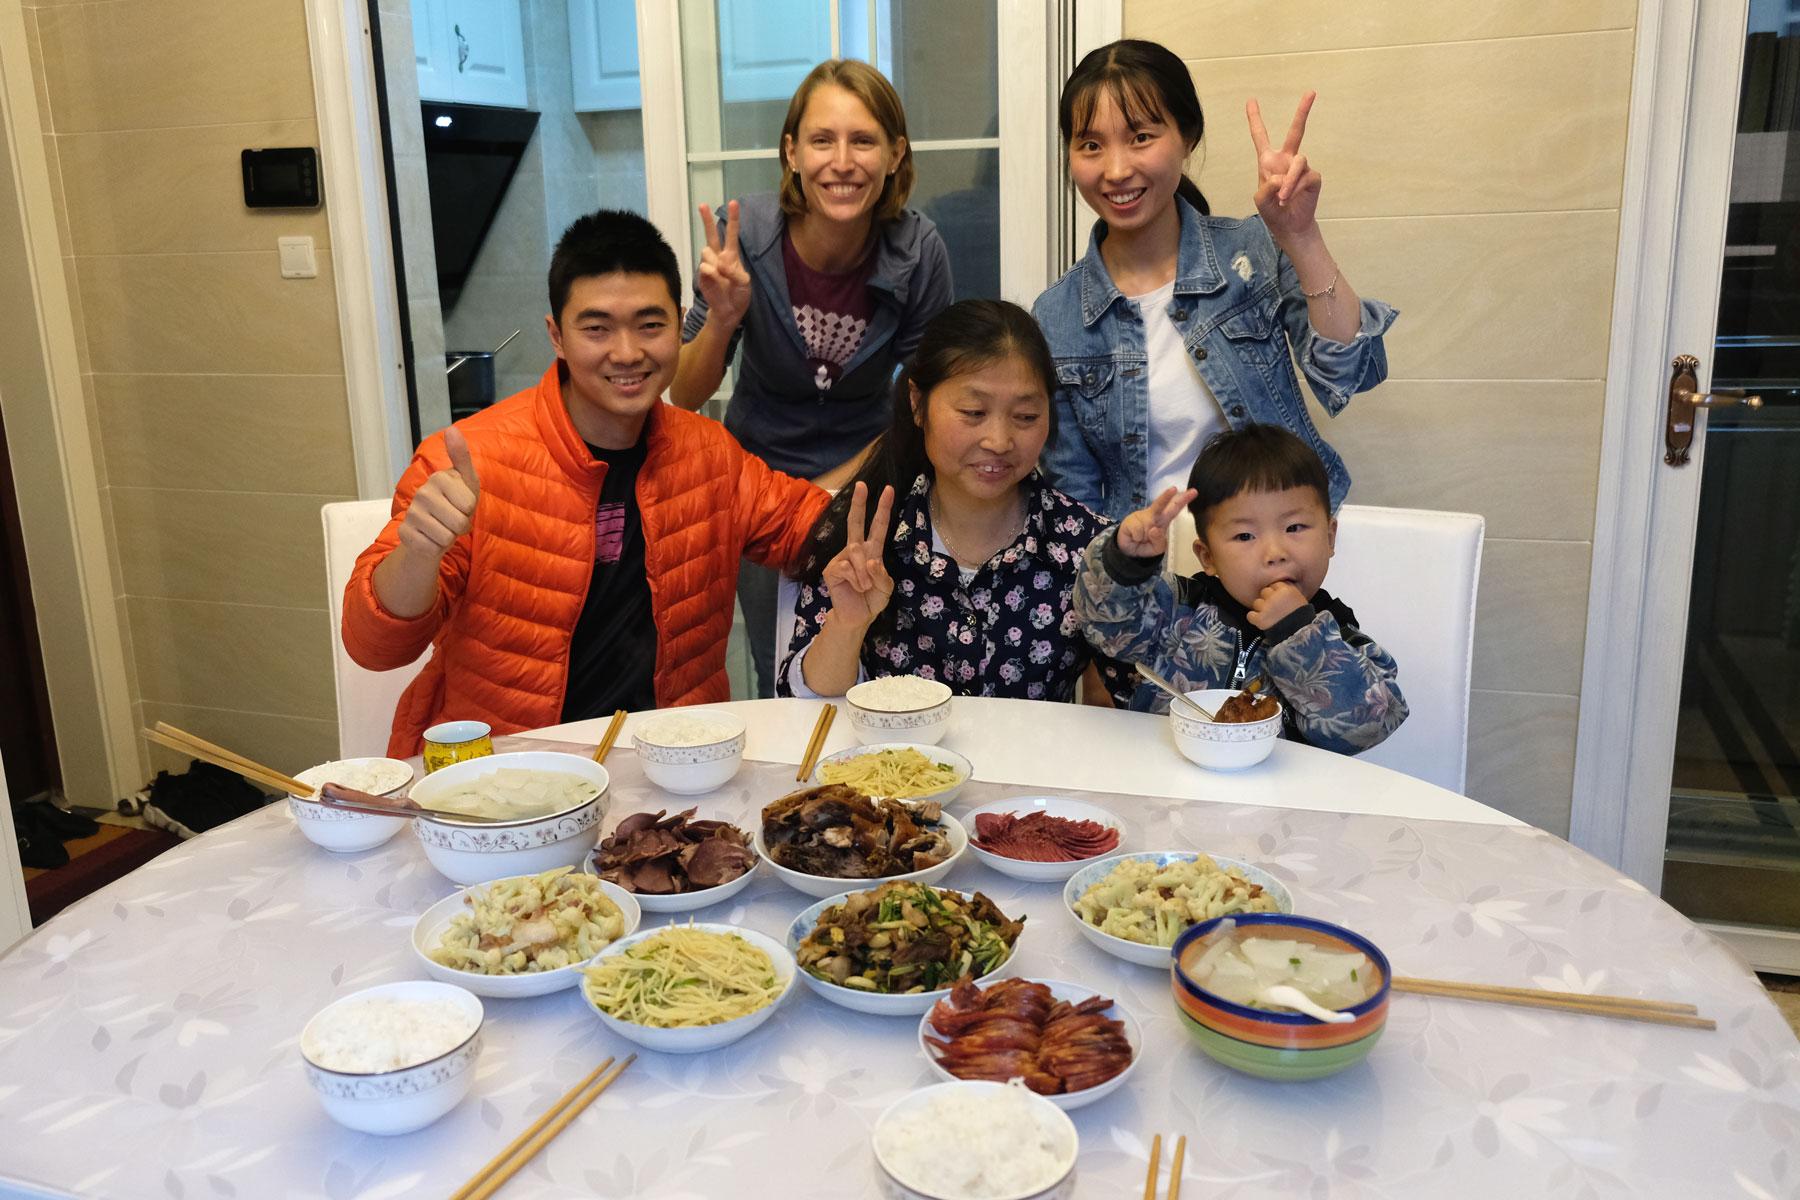 Leo mit einer chinesischen Familie vor einem gedeckten Tisch.